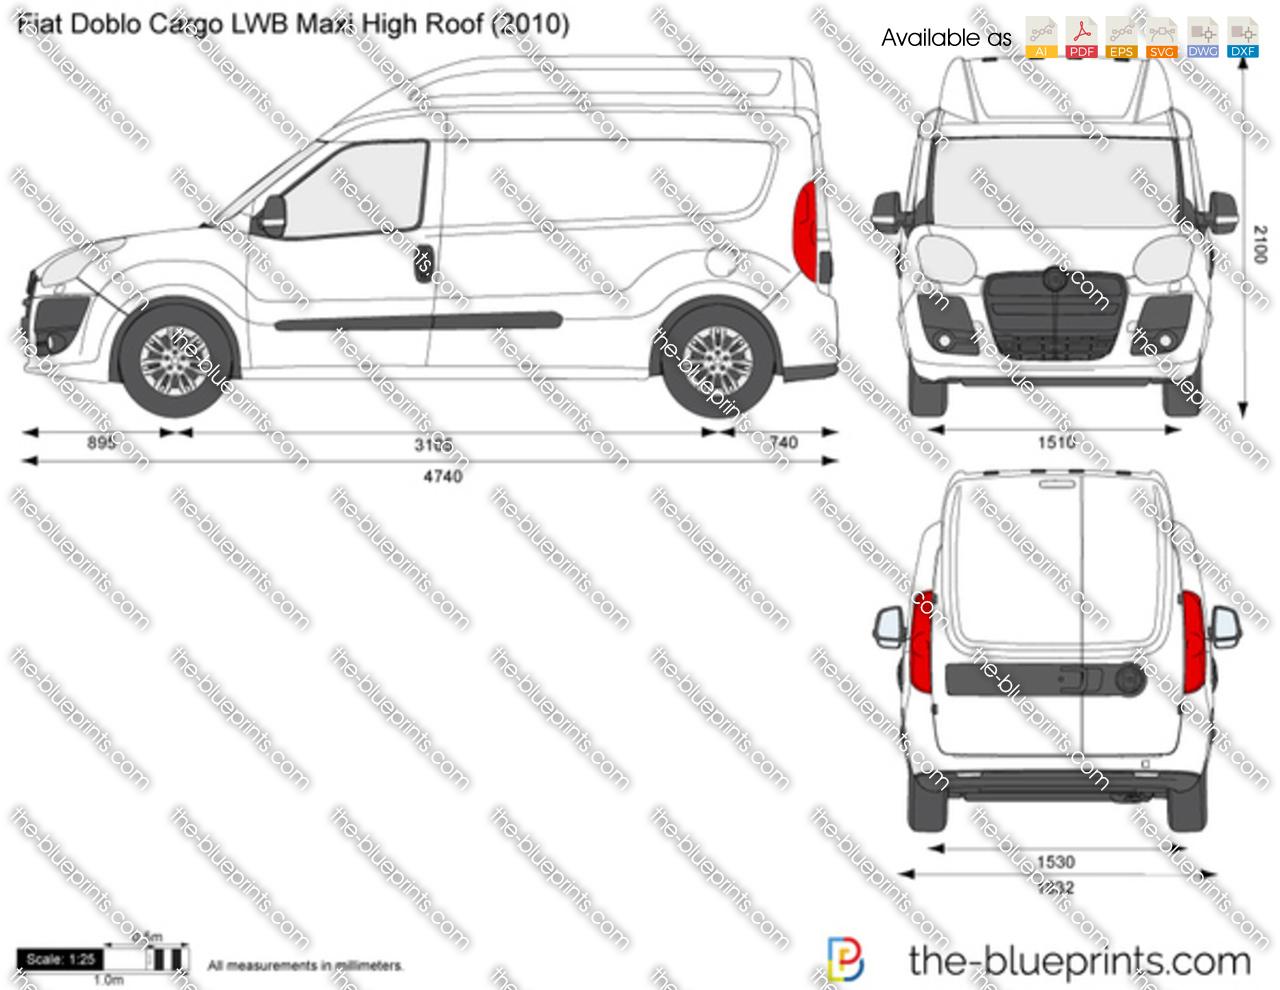 Fiat Doblo Cargo LWB Maxi High Roof